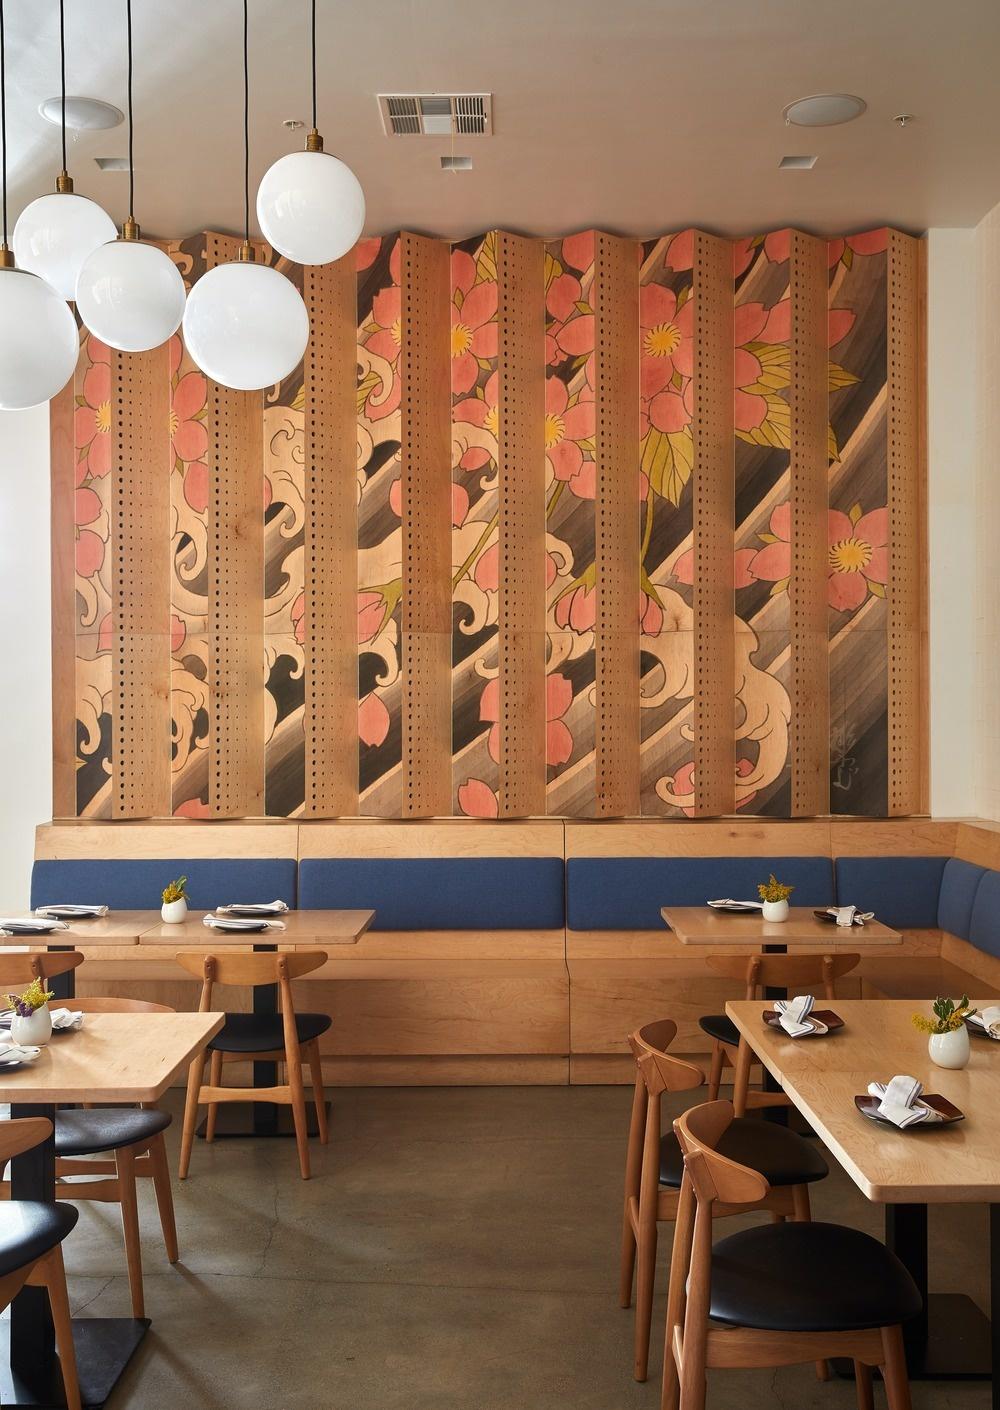 Суши, саке и японские татуировки: ресторан Sake Dojo в Лос-Анджелесе (галерея 4, фото 2)